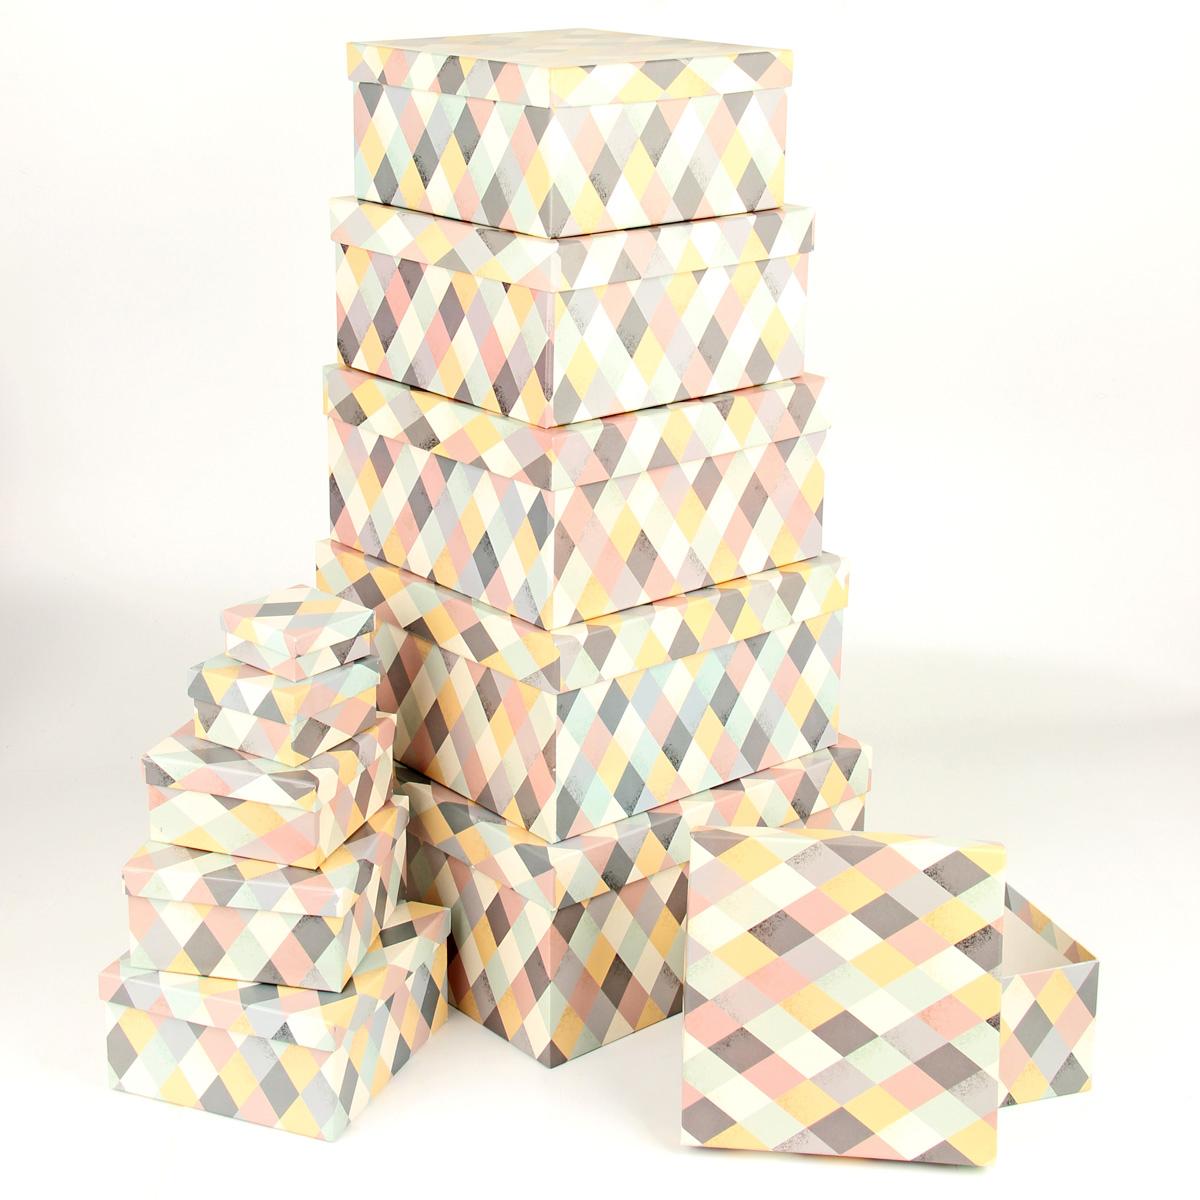 Набор подарочных коробок Veld-Co Пастельная мозаика, 11 шт набор подарочных коробок veld co миром правит доброта 15 шт